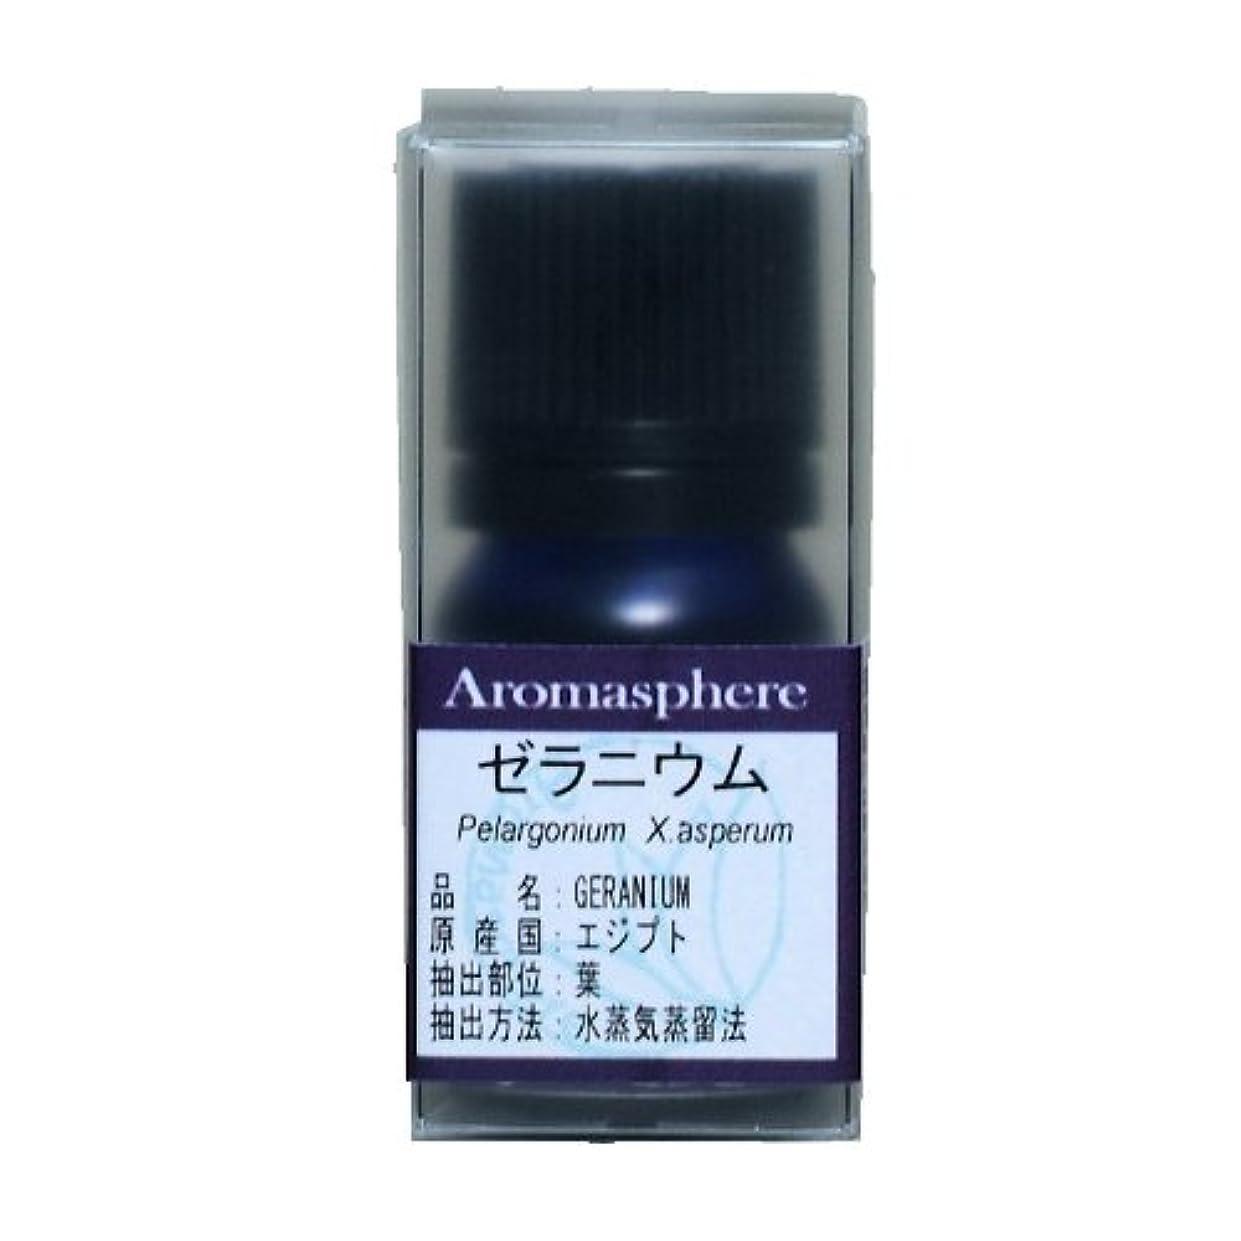 【アロマスフィア】ゼラニウム 5ml エッセンシャルオイル(精油)